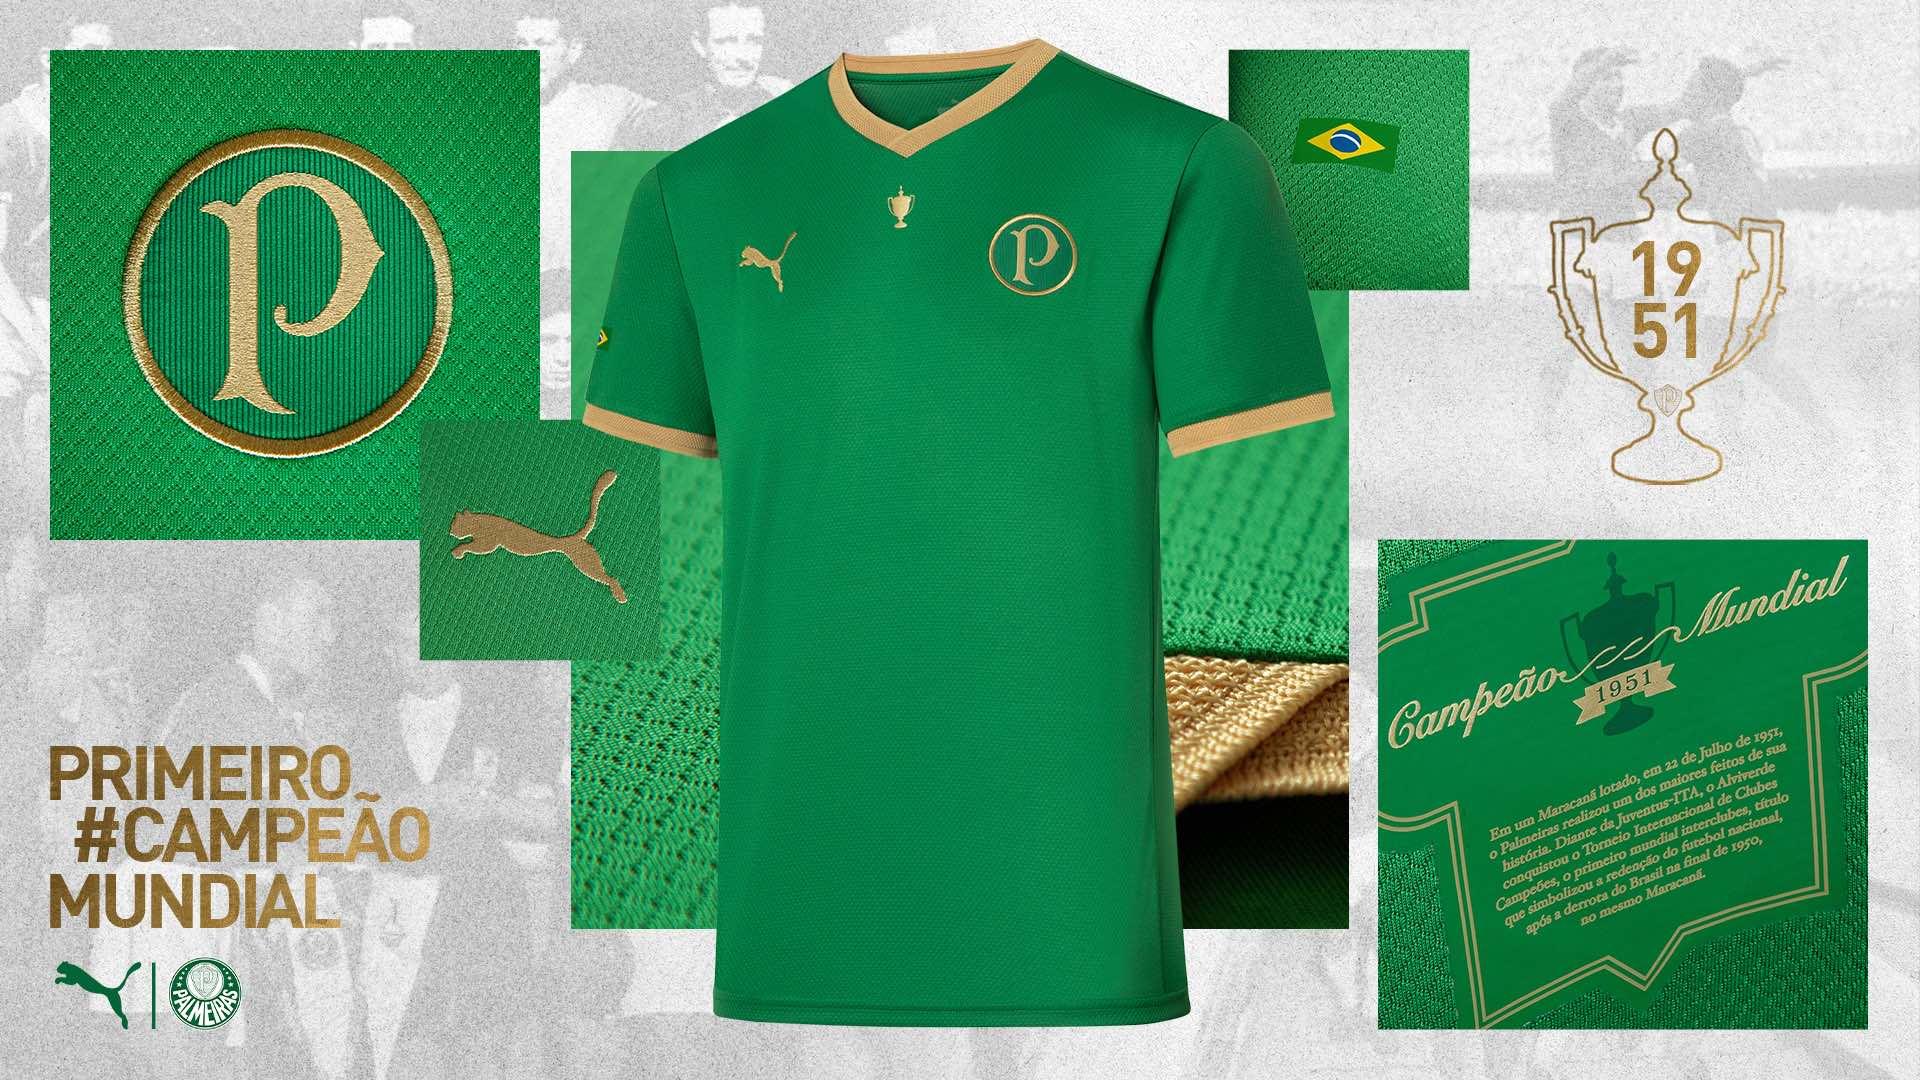 Camisa especial em referência ao uniforme da época lançada em 2021